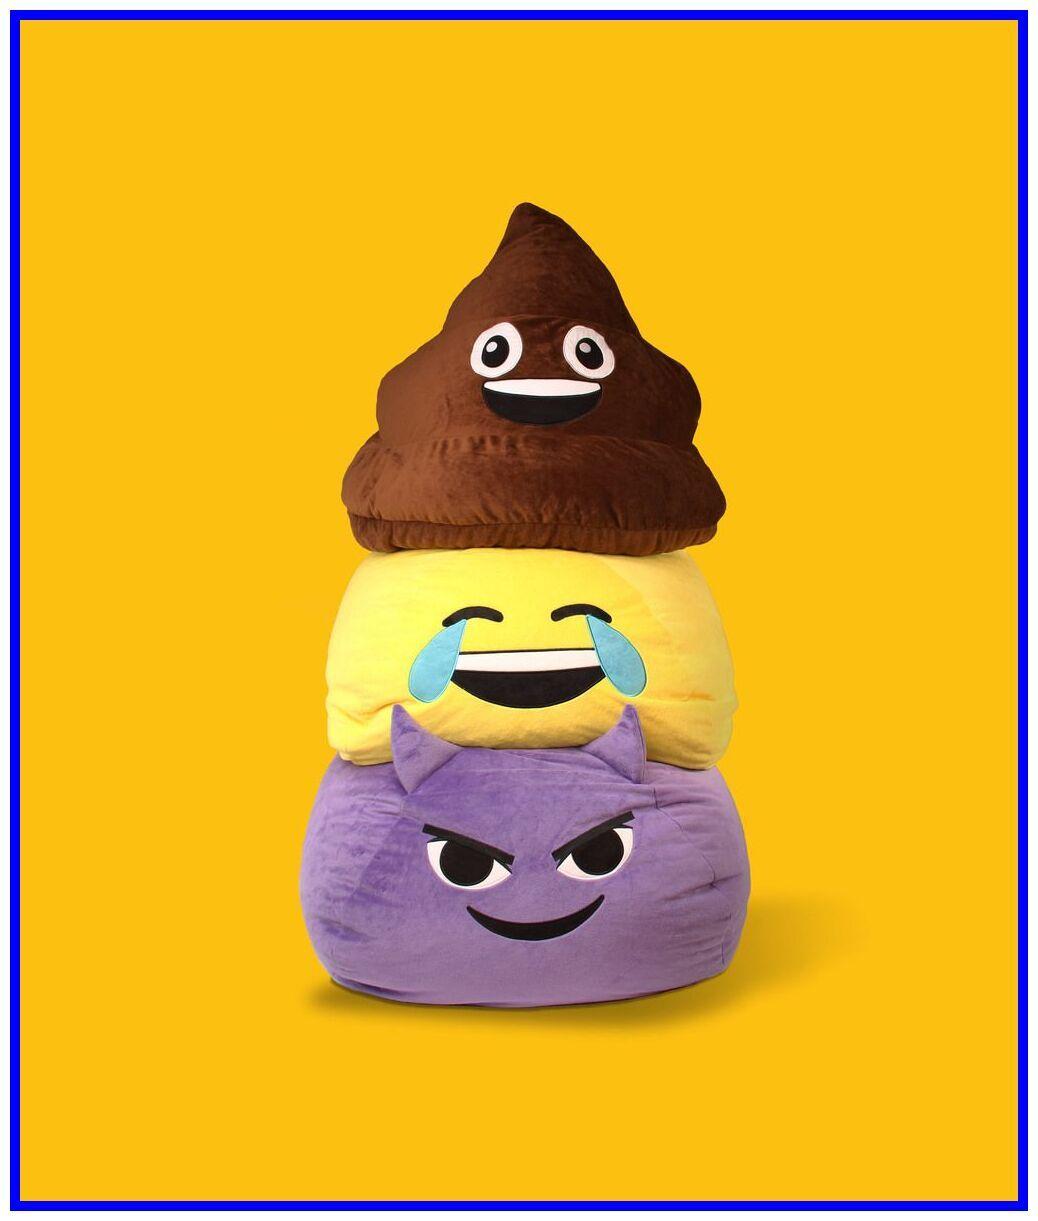 47 Reference Of Emoji Poo Bean Bag Chair In 2020 Emoji Bean Bag Fuzzy Bean Bag Chair Bag Chair